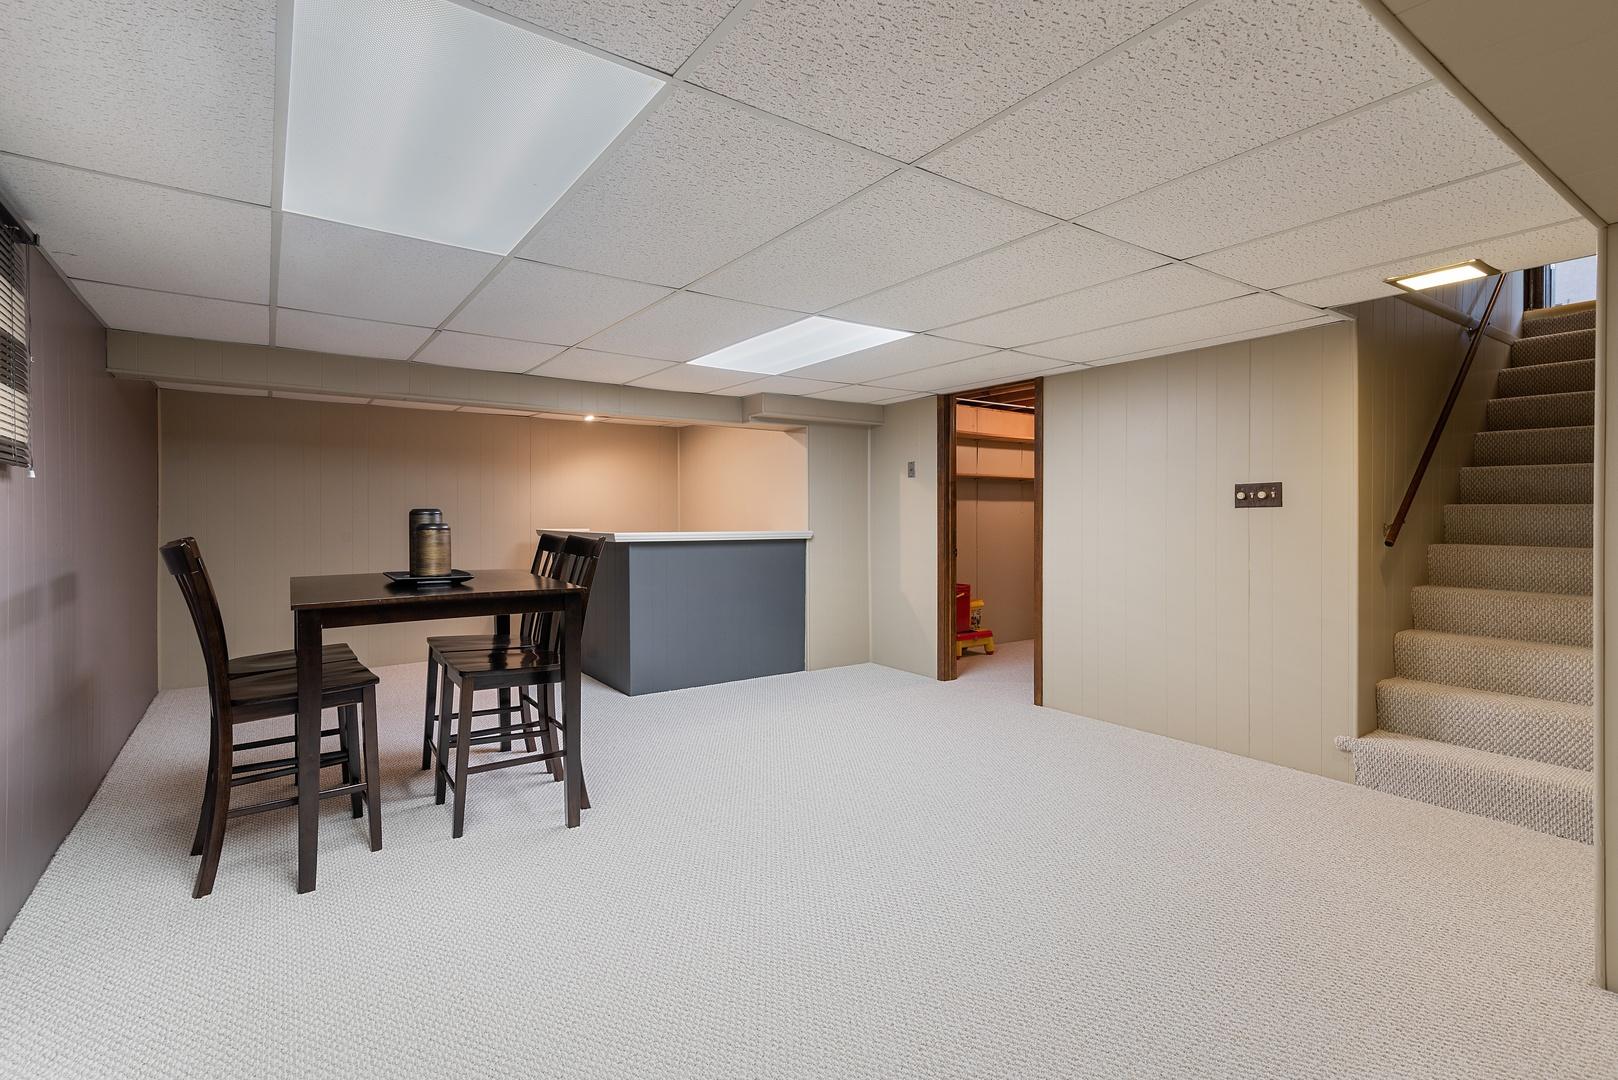 3914 Miller, Glenview, Illinois, 60026